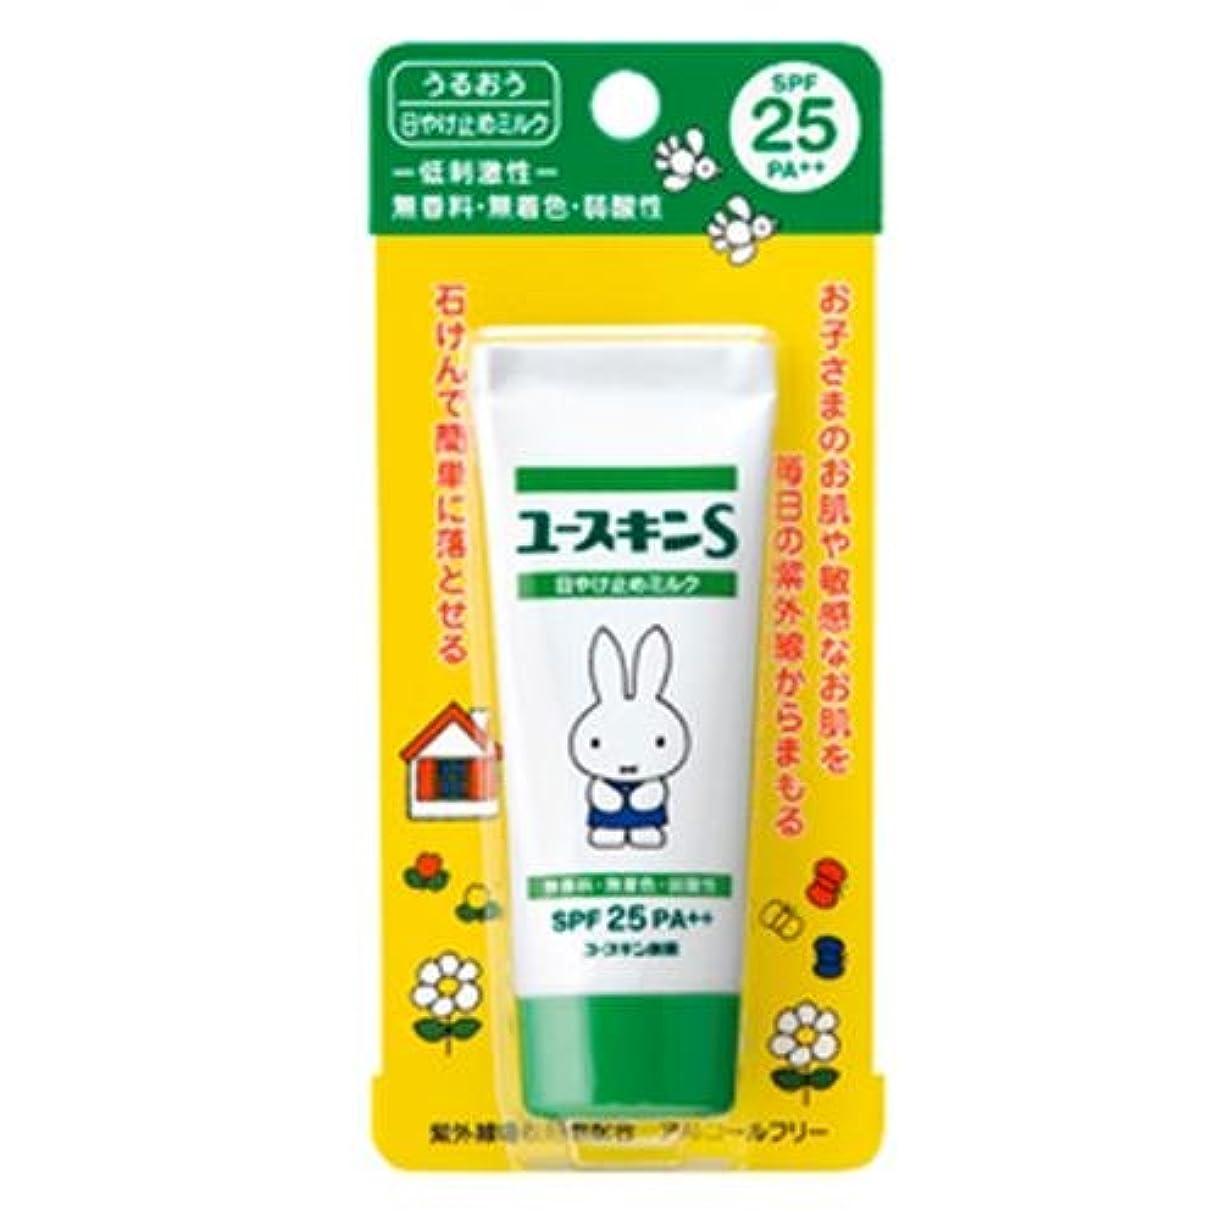 レーニン主義ベンチャースキルユースキンS UVミルク SPF25 PA++ 40g (敏感肌用 日焼け止め)